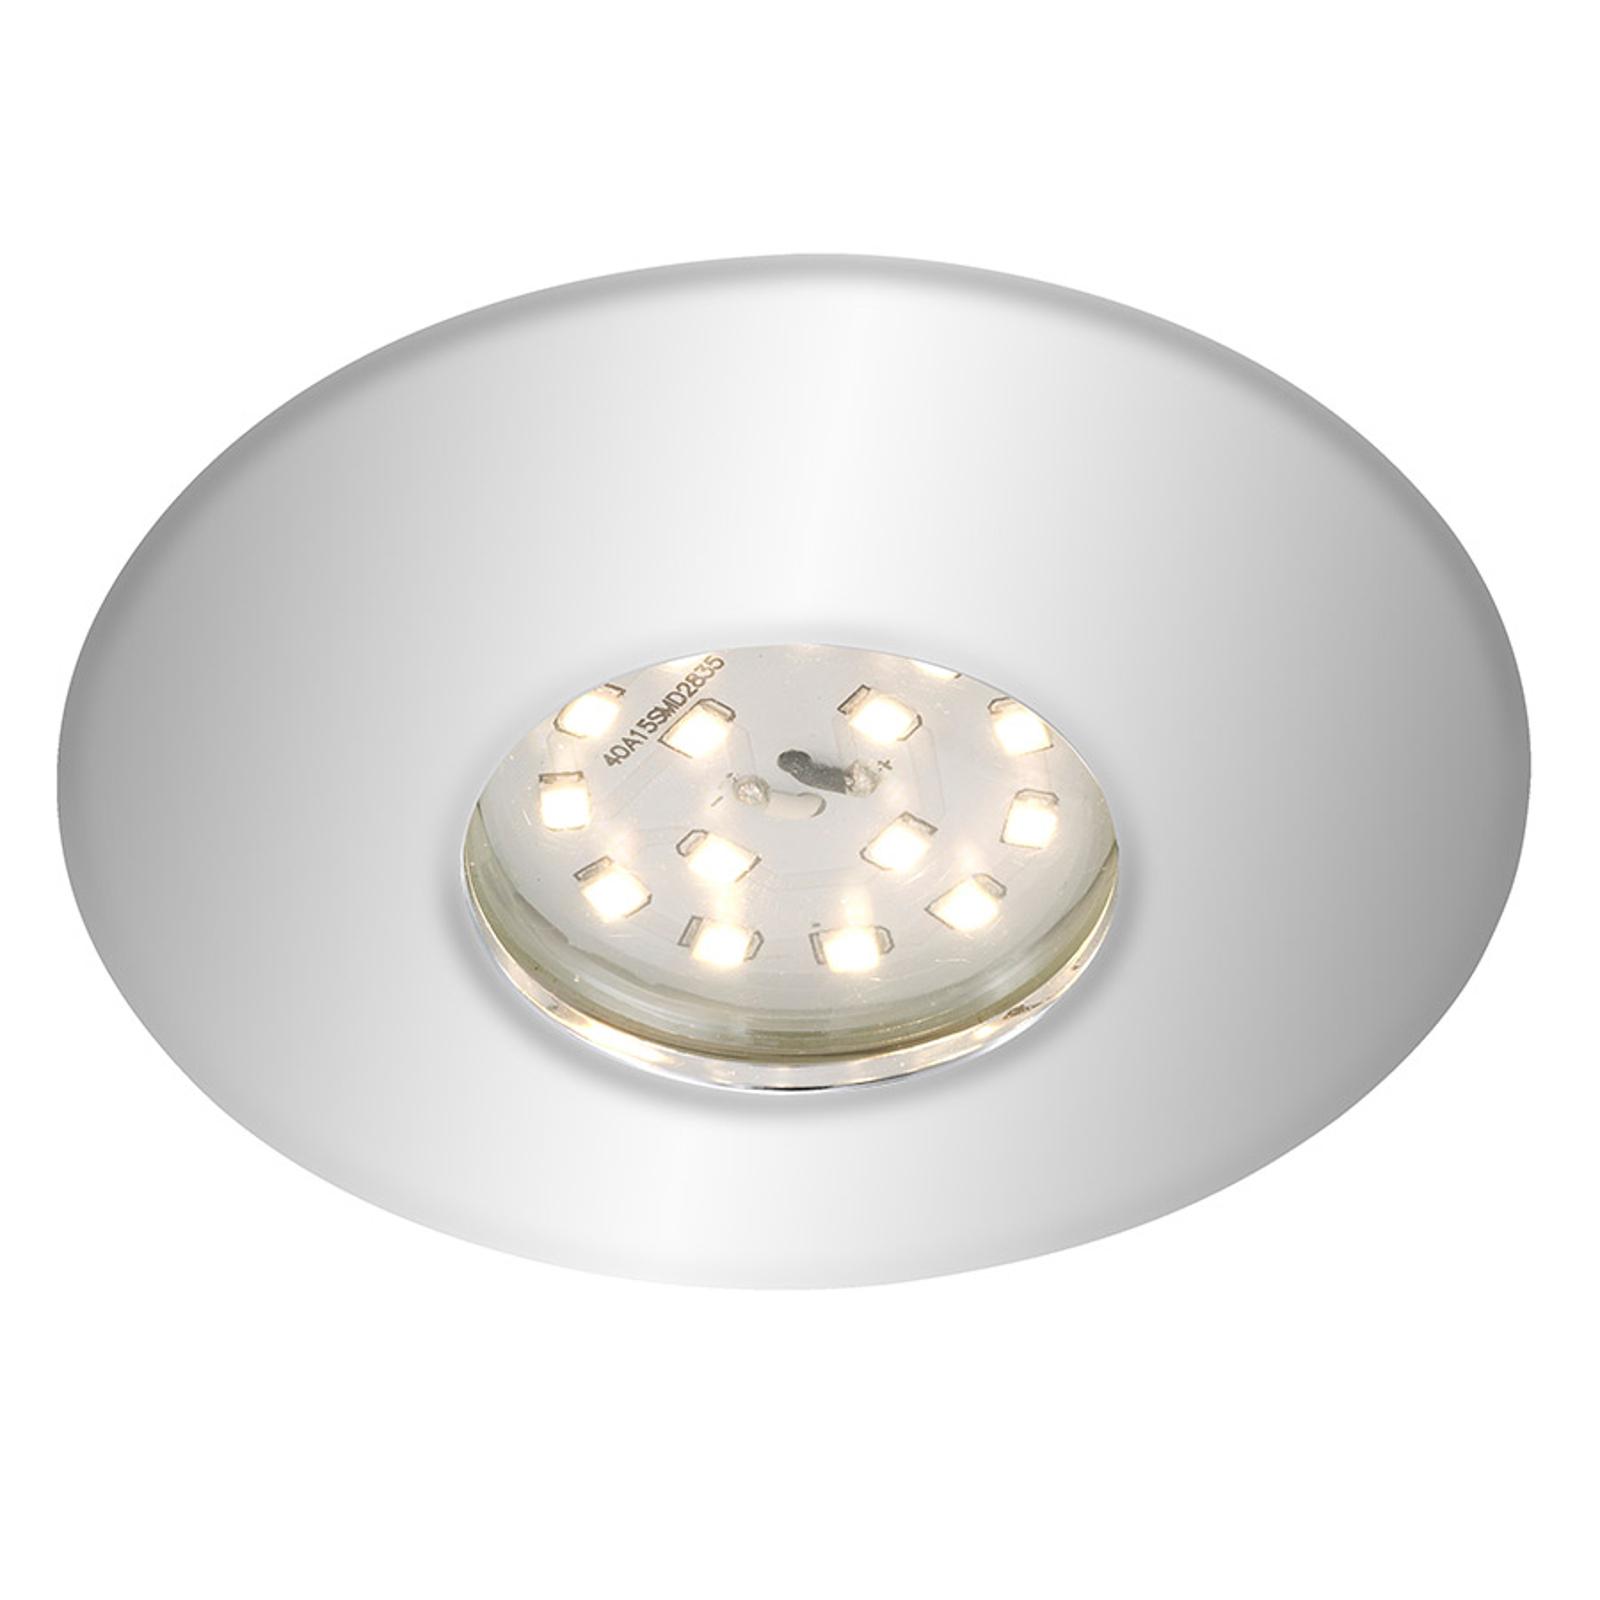 Förkromad LED-inbyggnadsspot Shower, IP65